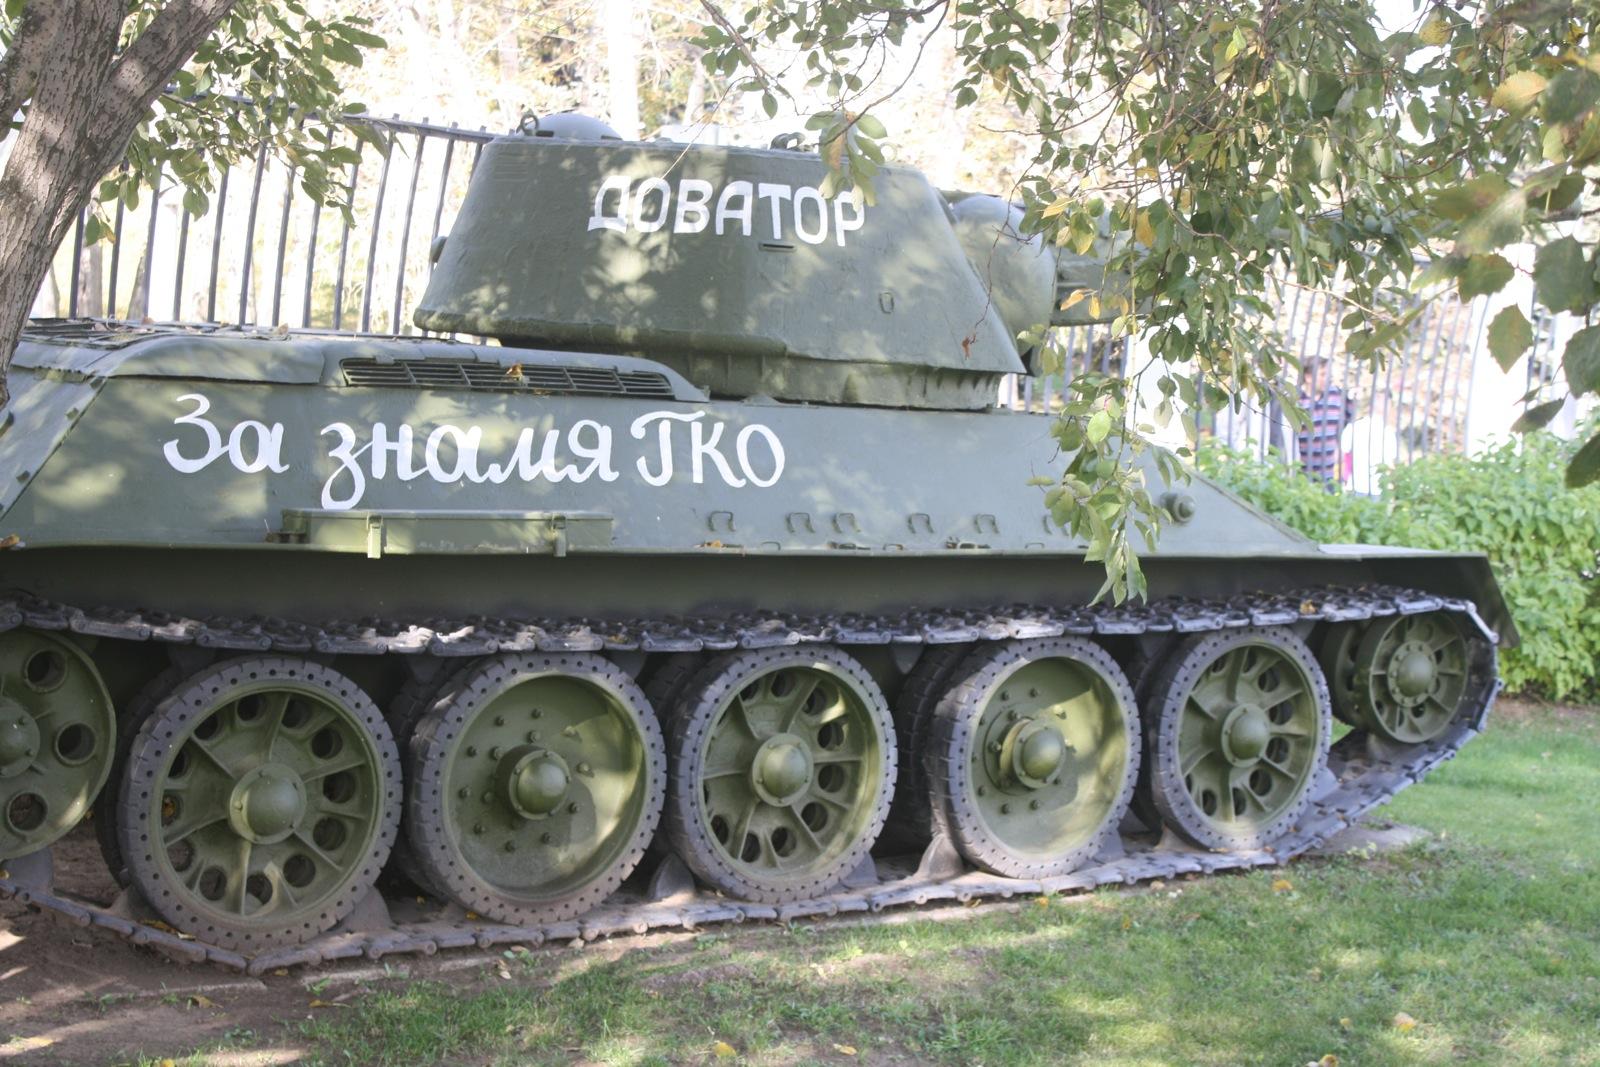 U muzeju je na otvorenom prostoru izloženo više od 300 tenkova, automobila, brodova, aviona, kao i pješadijsko i artiljerijsko naoružanje koje su tijekom Drugog svjetskog rata koristili SSSR-a i njegovi saveznici.